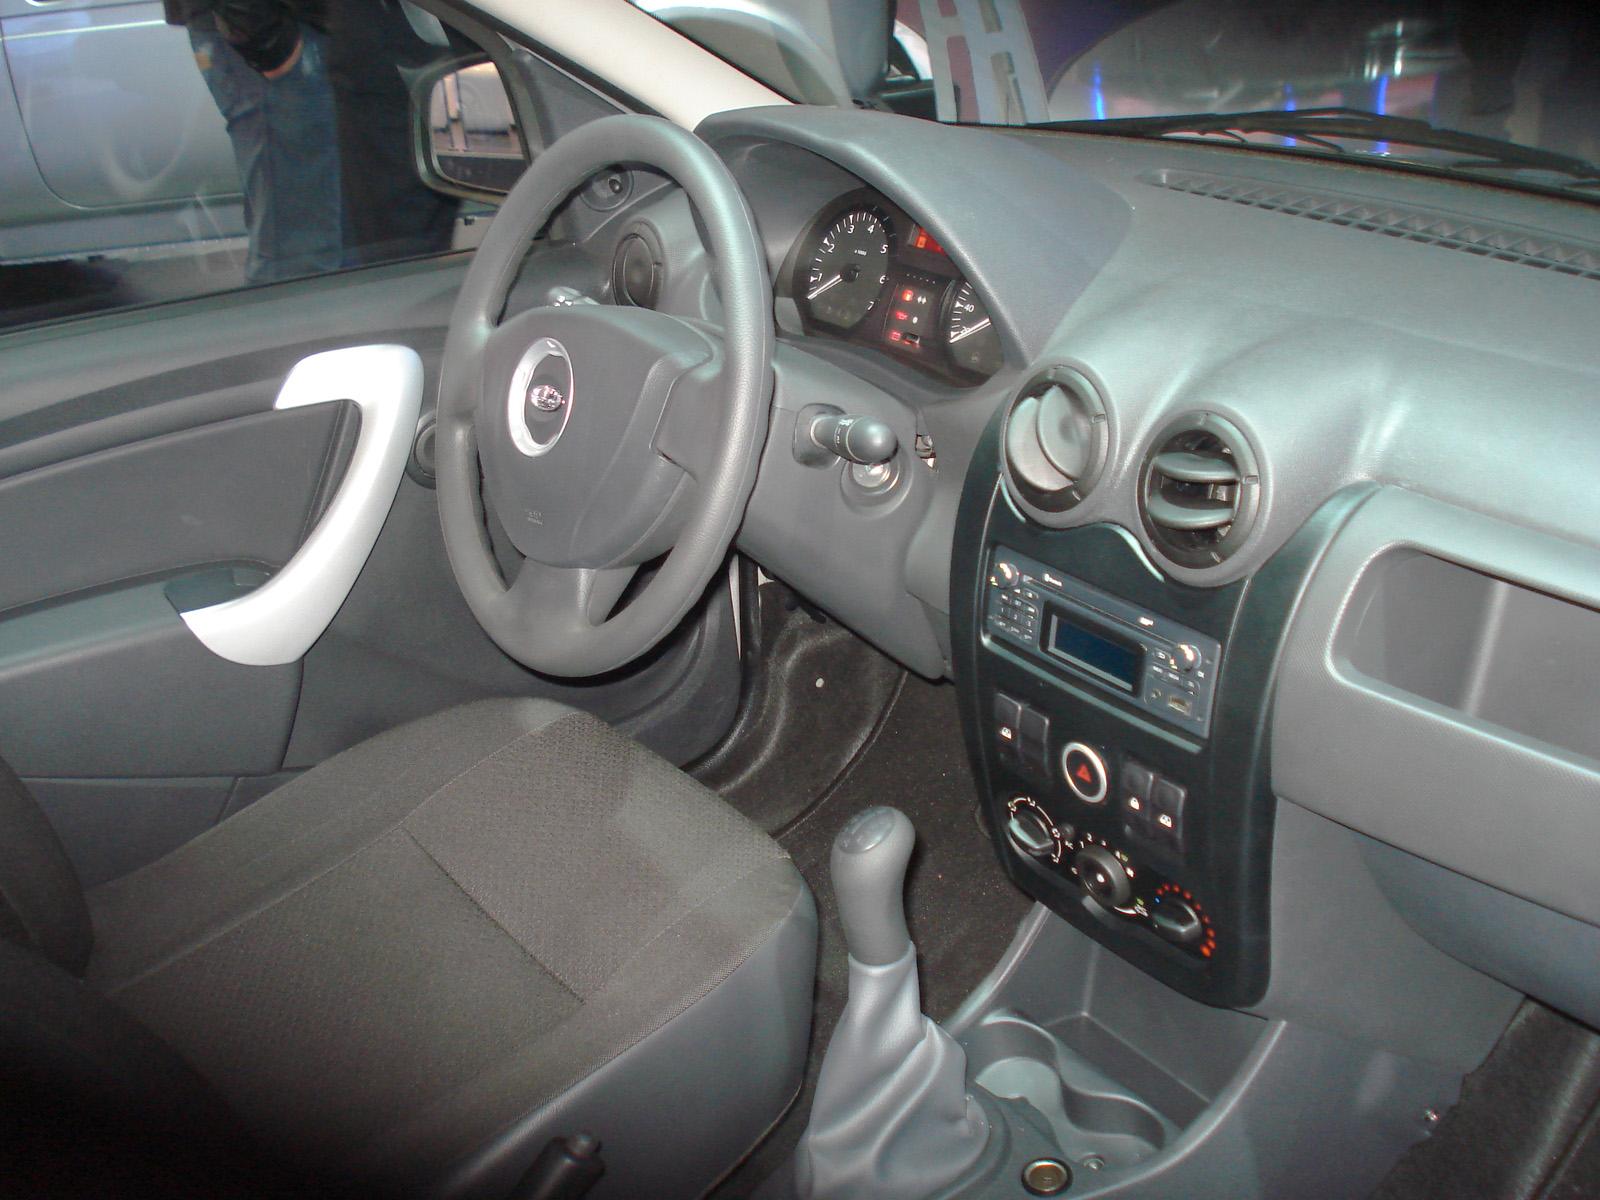 Водитель Лада Ларгус в таком практичном авто будет чувствовать себя достаточно комфортно